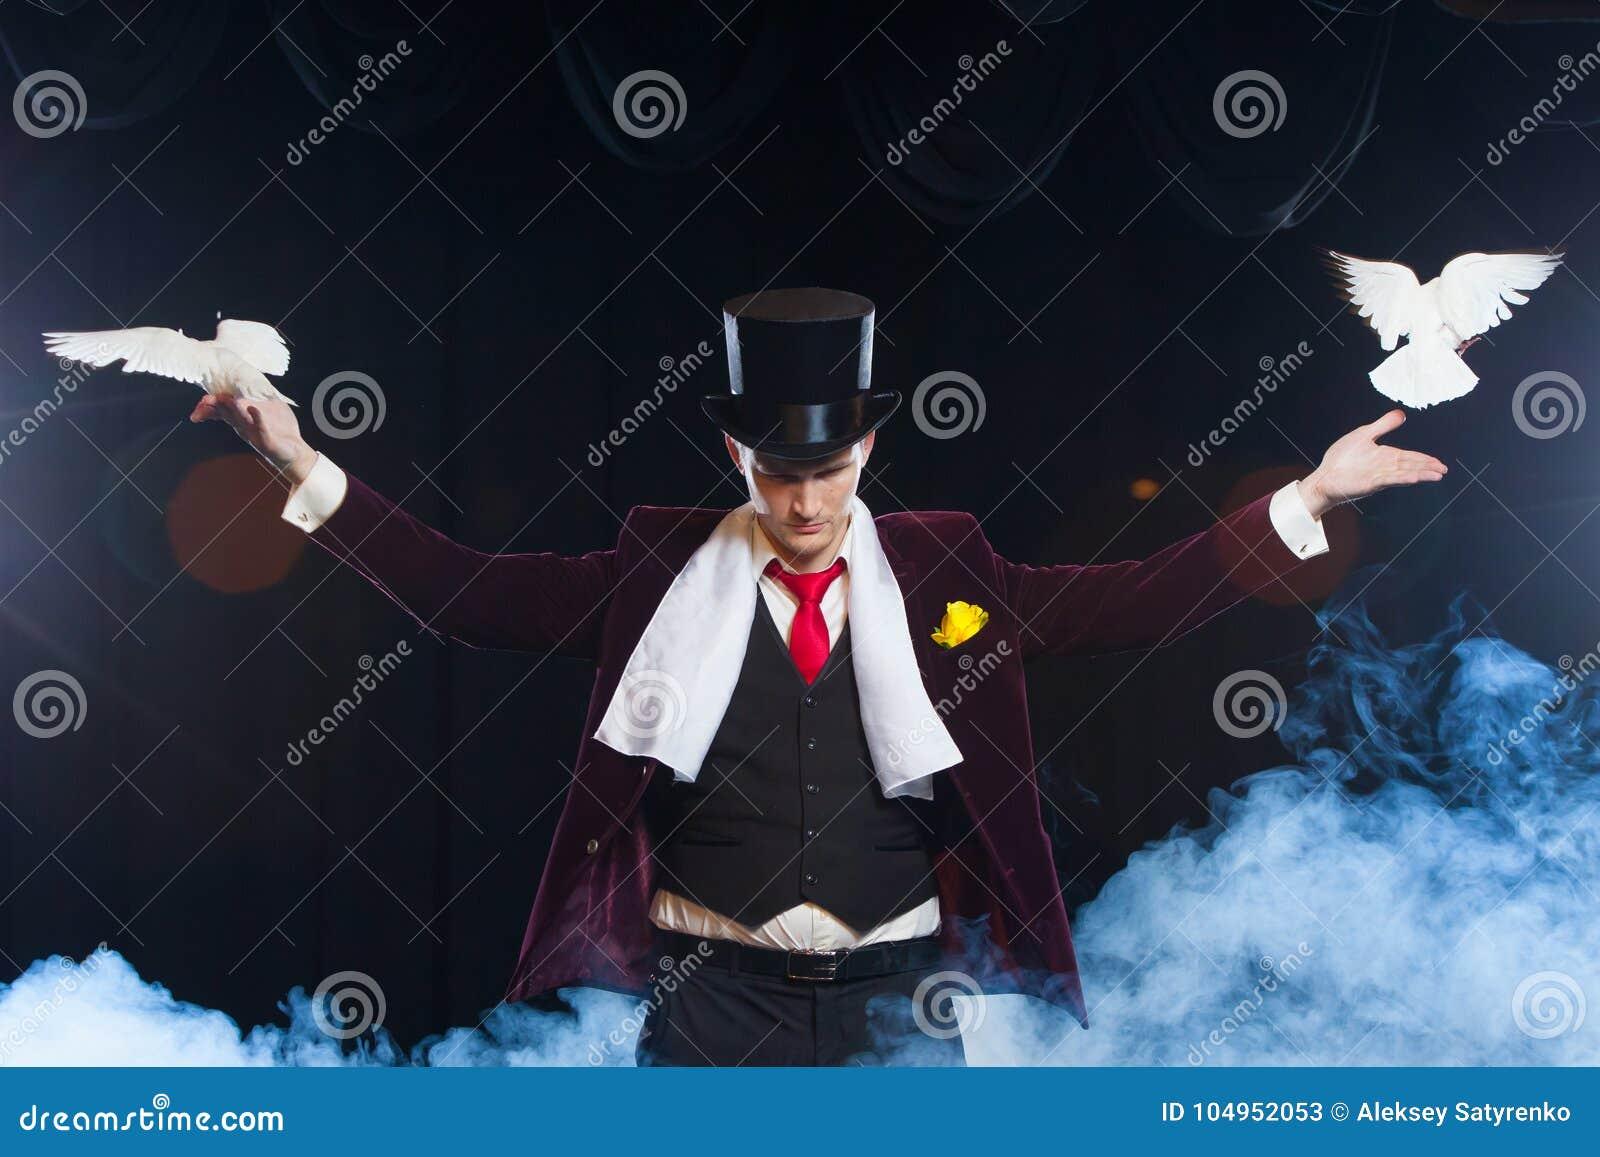 有的魔术师两只飞行的白色鸠 在一股美丽的神奇烟覆盖的黑色背景